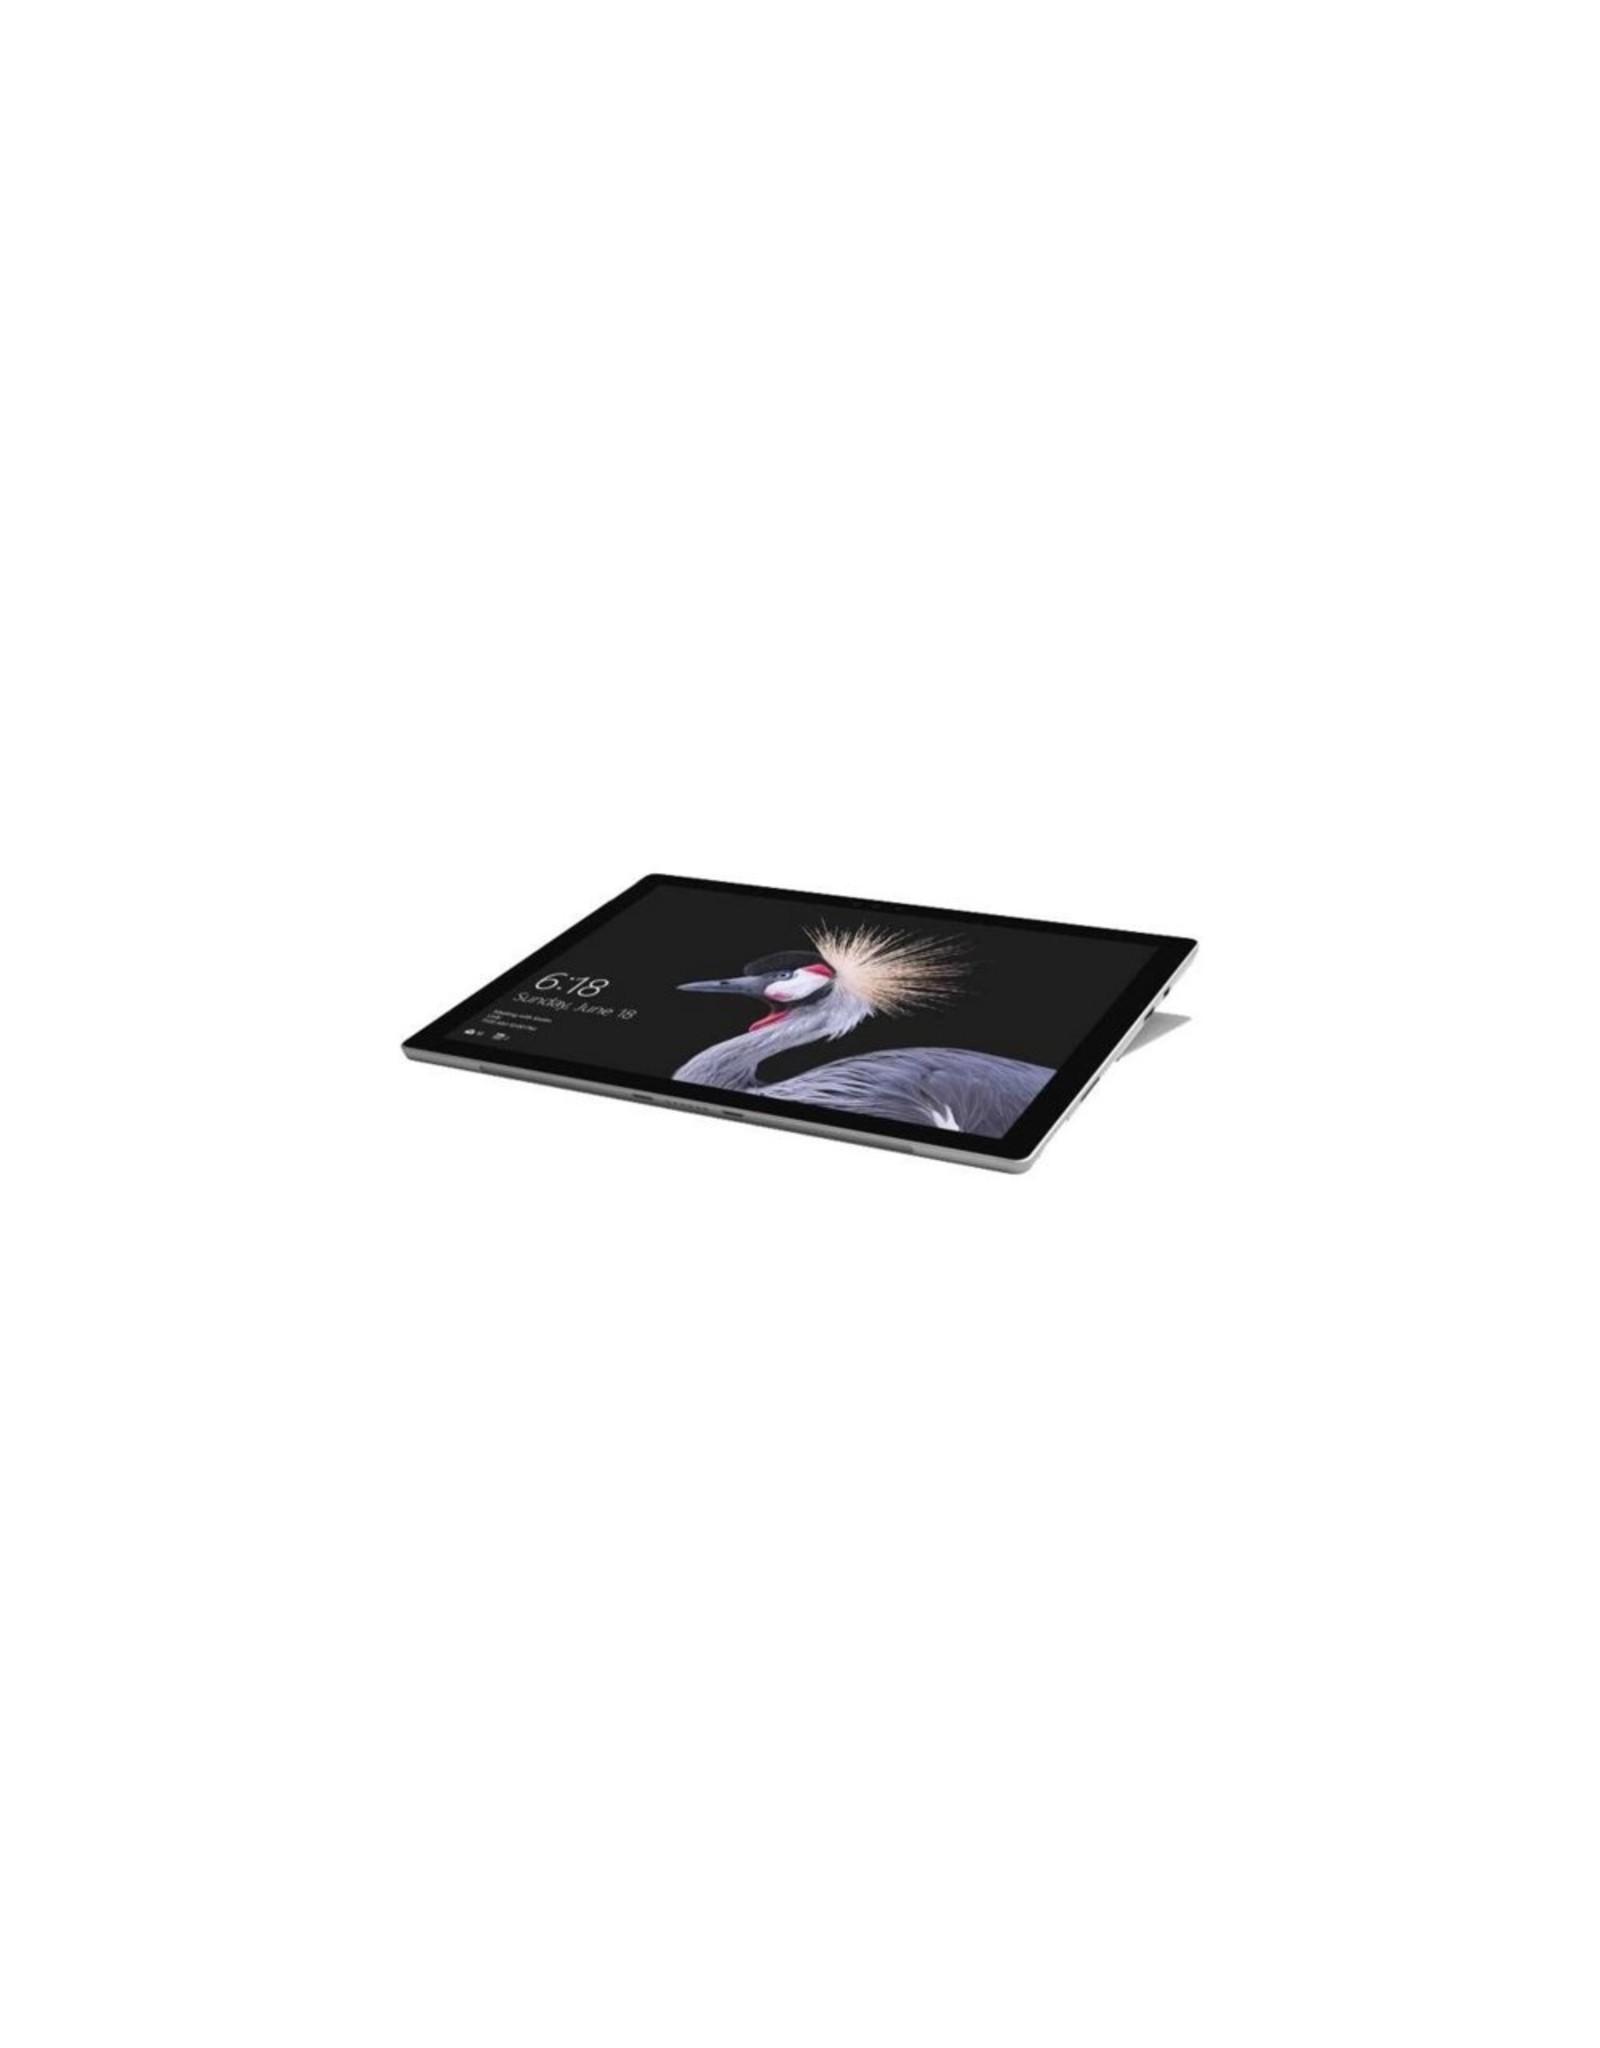 Microsoft Surface Pro 5 12.3/M3-7Y30/4GB/128GB/W10 Renew (refurbished)